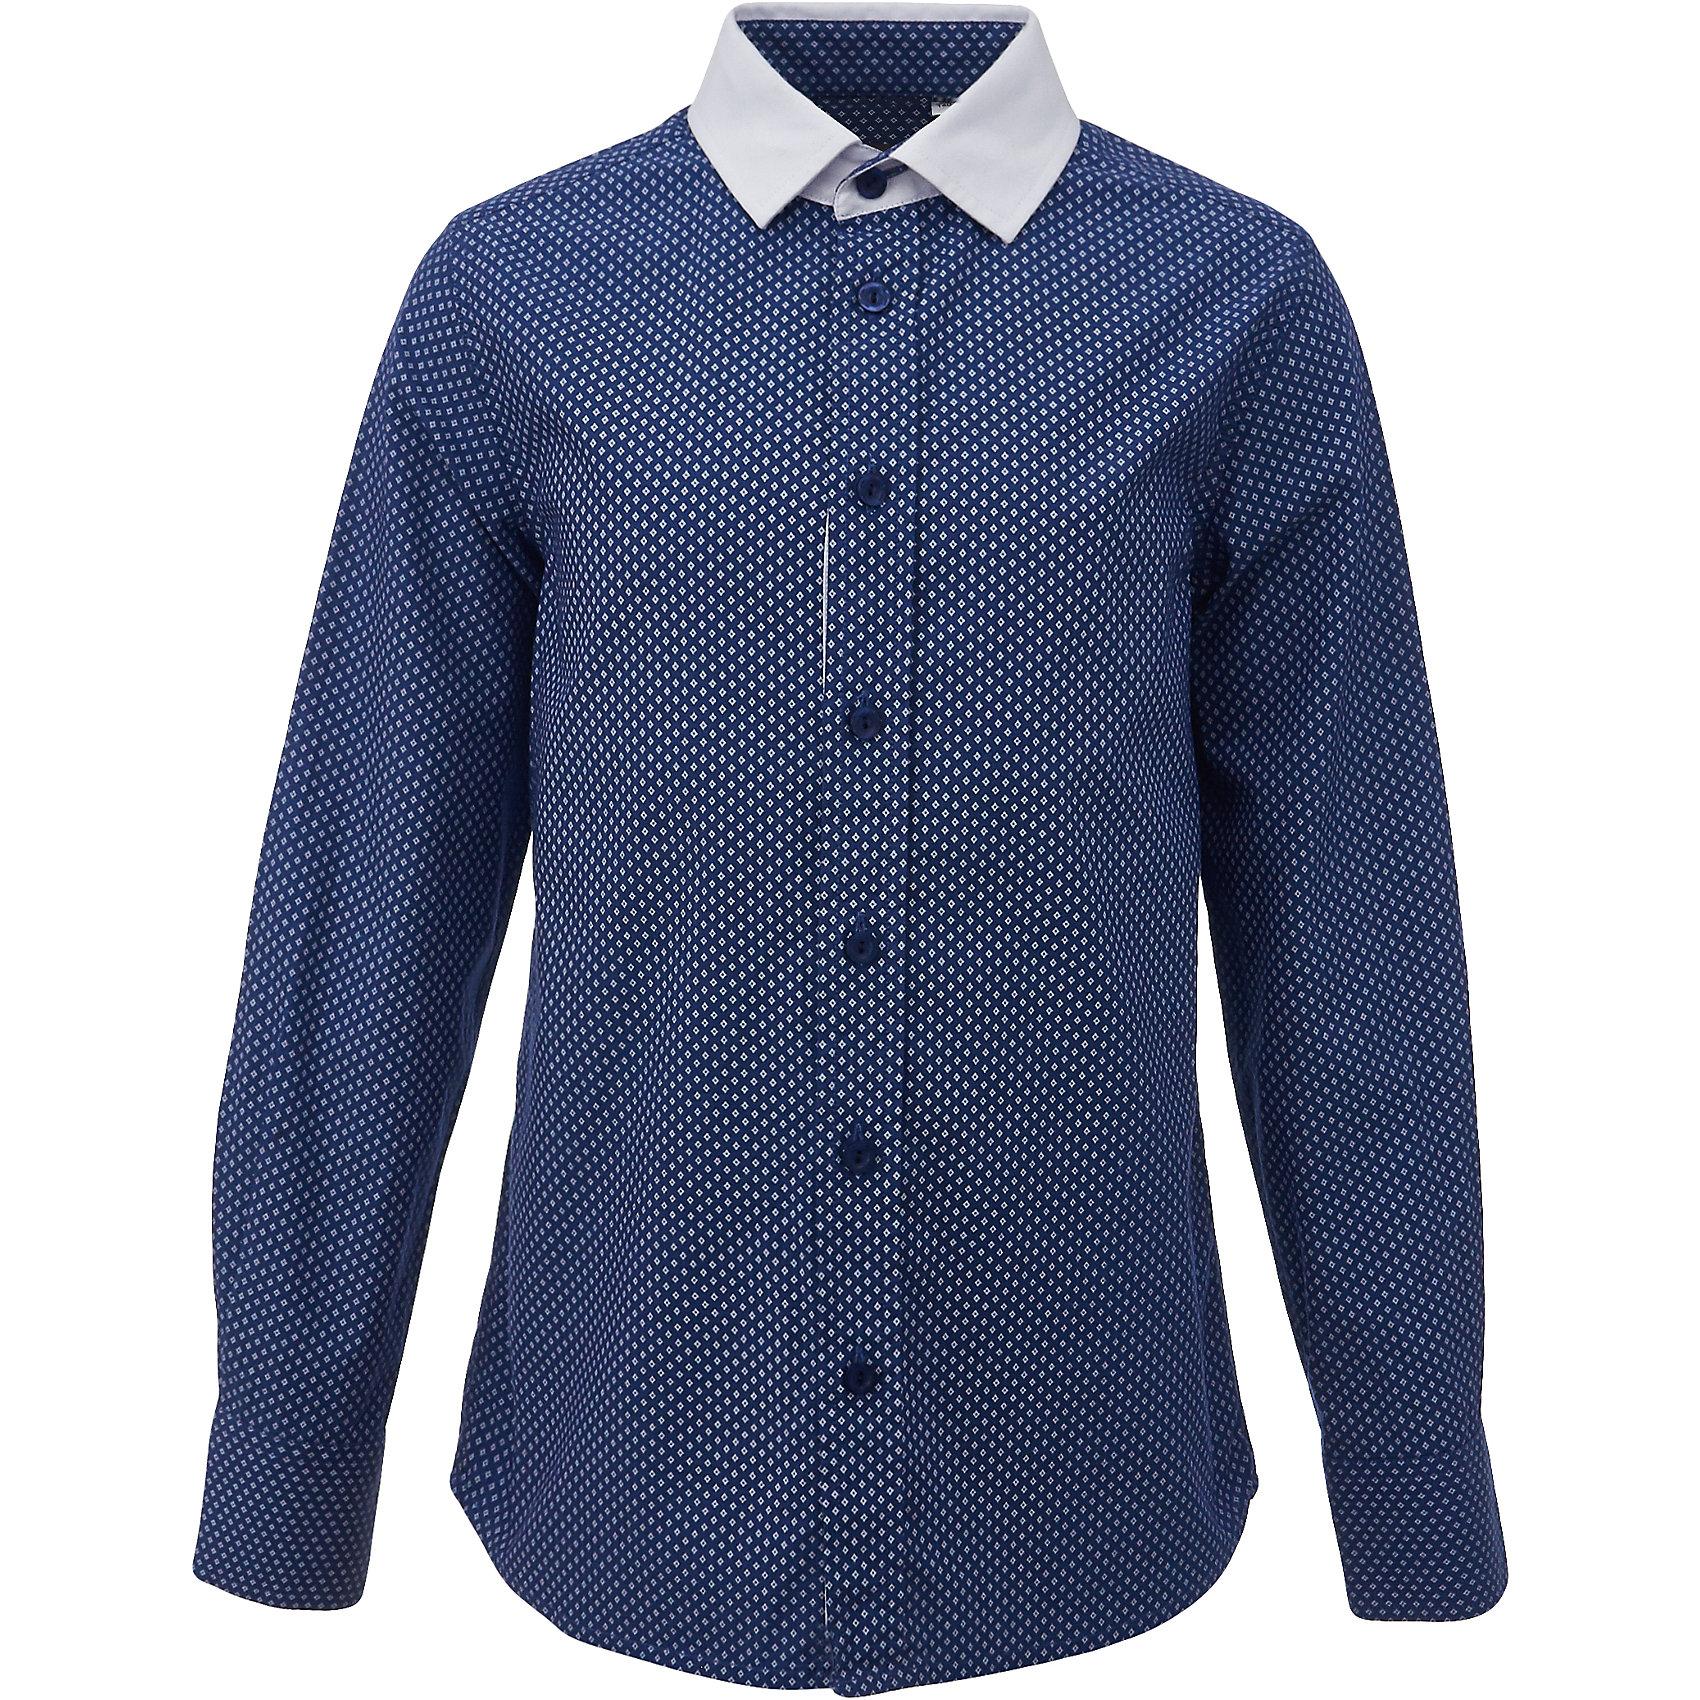 Рубашка для мальчика GulliverБлузки и рубашки<br>Купить рубашку для мальчика - в преддверии учебного сезона, это самая распространенная задача родителей школьников. При всем богатстве выбора, купить рубашку высокого качества не очень просто. Школьная рубашка должна отлично выглядеть, хорошо сидеть, соответствовать актуальной форме, быть всегда свежей, выглаженной и опрятной. Именно поэтому состав, плотность и текстура материала имеют большое значение! Синяя рубашка с мелким рисунком - тренд сезона! Она не нарушает школьный дресс код, но делает повседневный look ярче и интереснее, создавая позитивное настроение. Белая отделка: внутренняя часть планки и воротник придает модели выразительность и индивидуальность.<br>Состав:<br>80% хлопок          20% полиэстер<br><br>Ширина мм: 174<br>Глубина мм: 10<br>Высота мм: 169<br>Вес г: 157<br>Цвет: синий<br>Возраст от месяцев: 72<br>Возраст до месяцев: 84<br>Пол: Мужской<br>Возраст: Детский<br>Размер: 122,170,128,134,140,146,152,158,164<br>SKU: 6678316